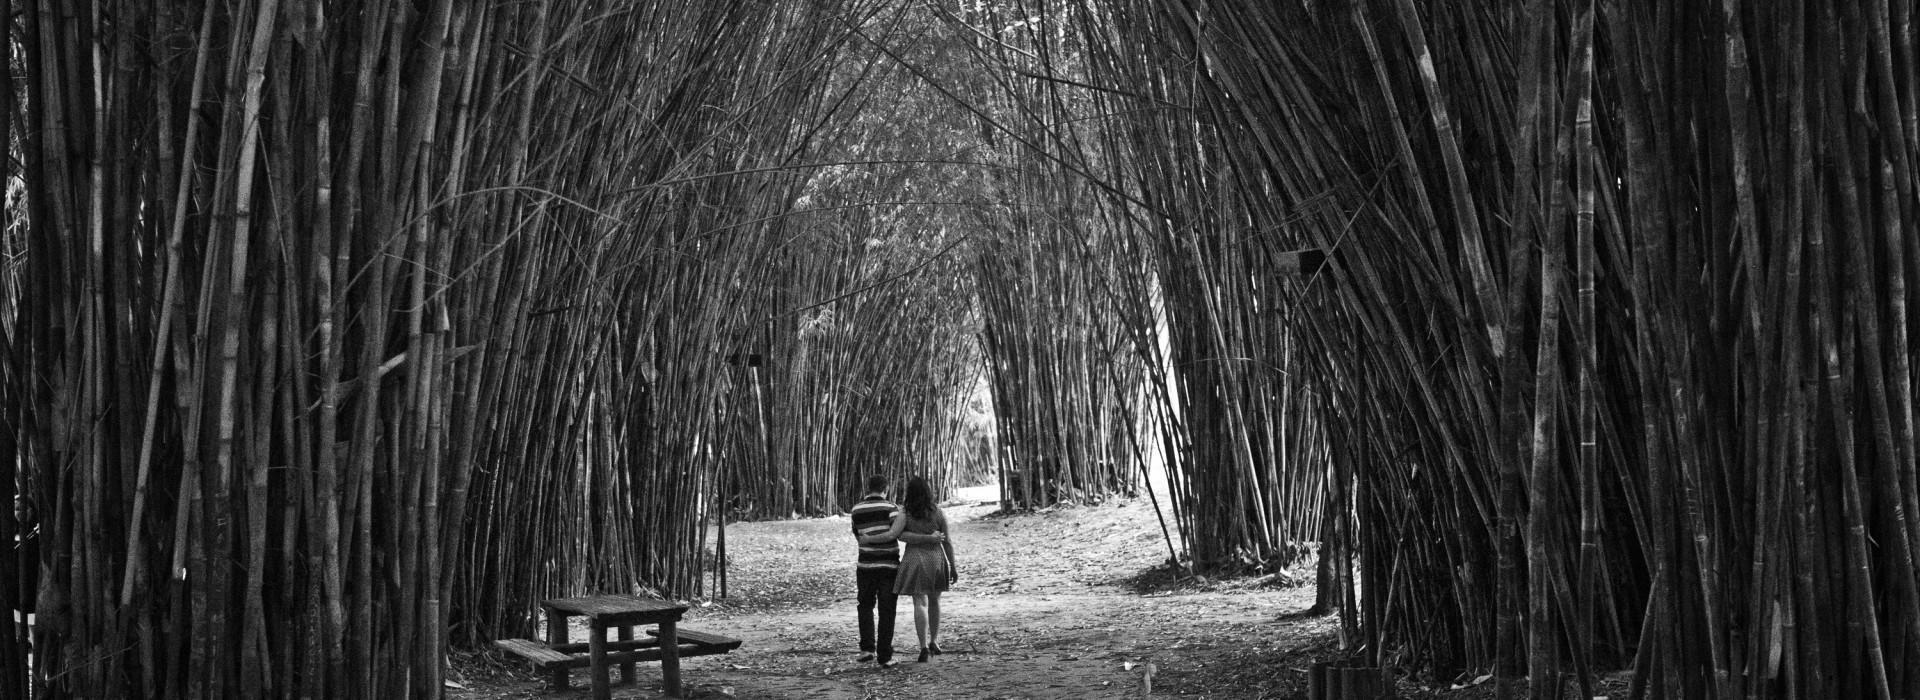 Ensaio de Cesar e Mariana em Jaguariúna - SP